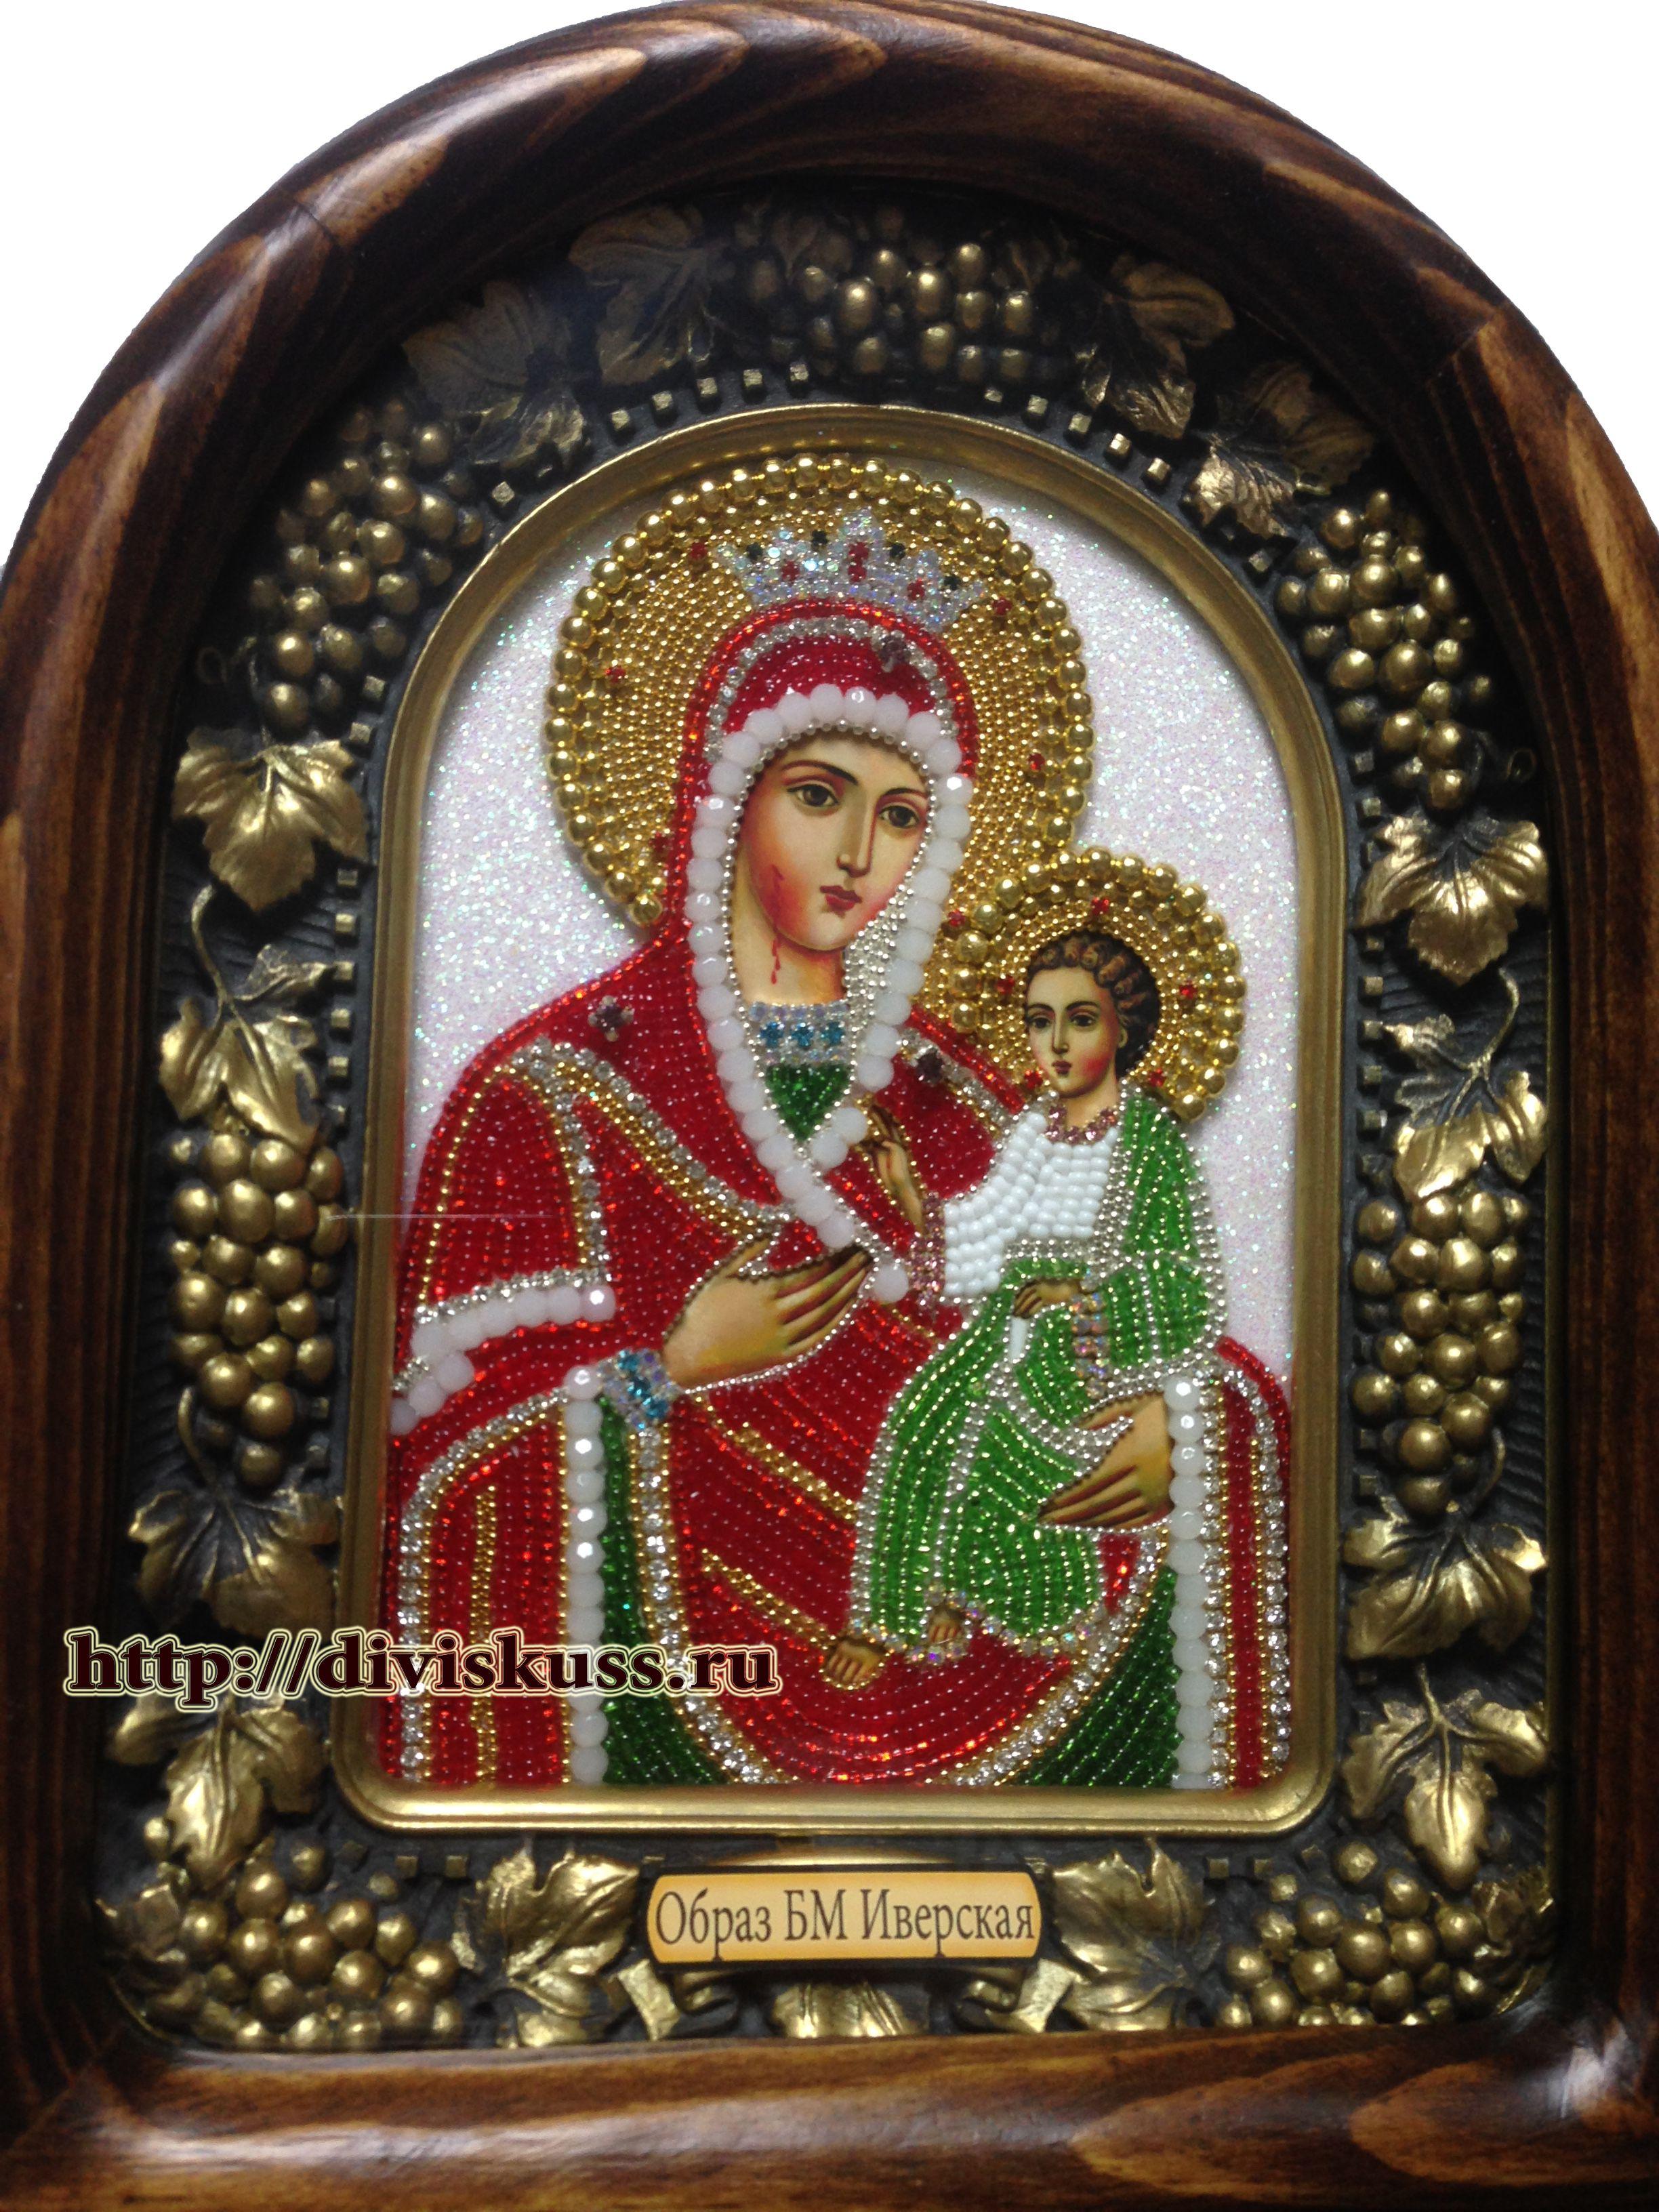 Образ Божией Матери Иверская